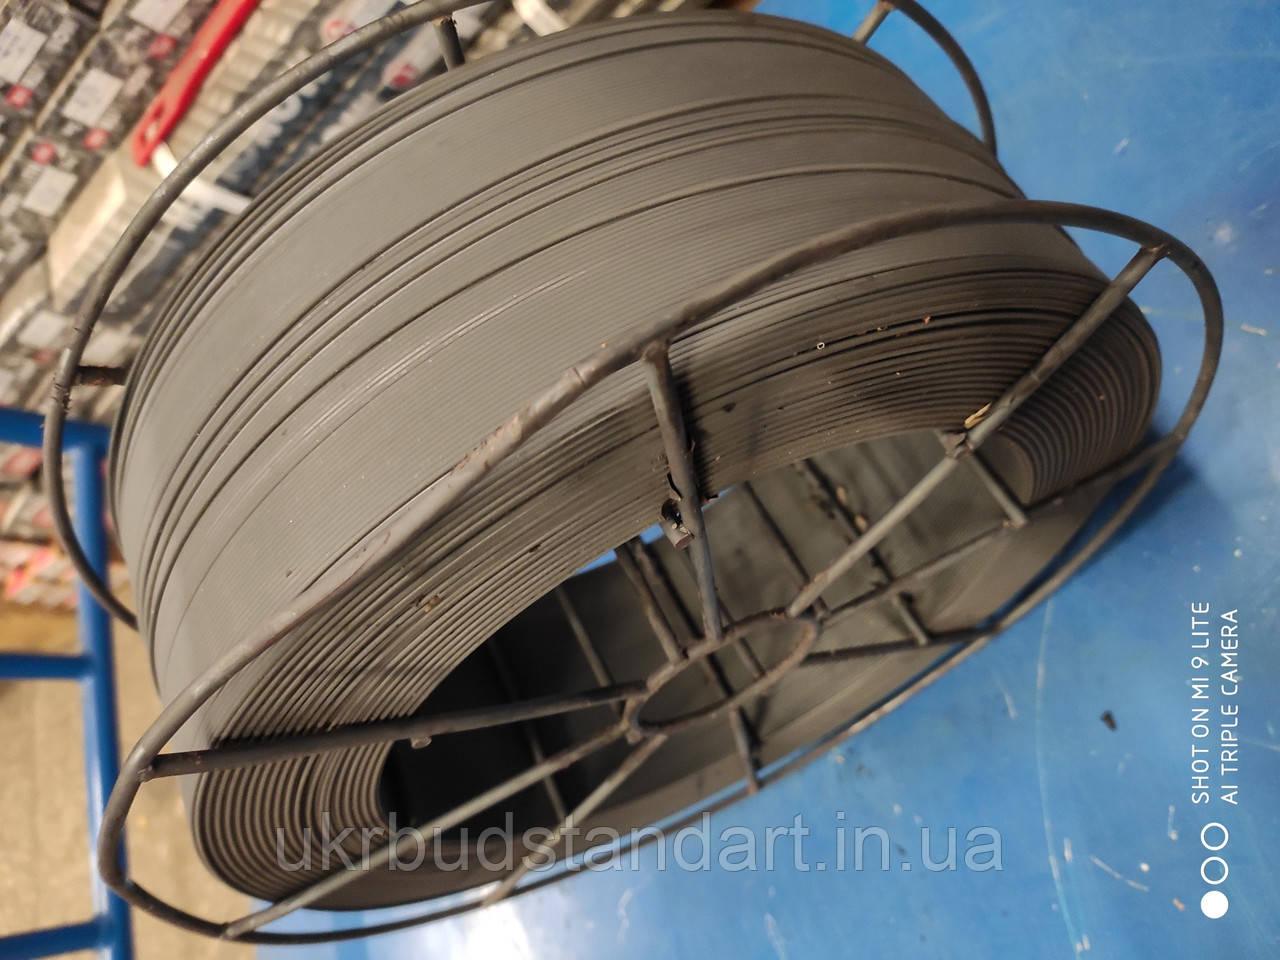 Проволока стальная термически обработанная Ф 1,2 (18 кг)